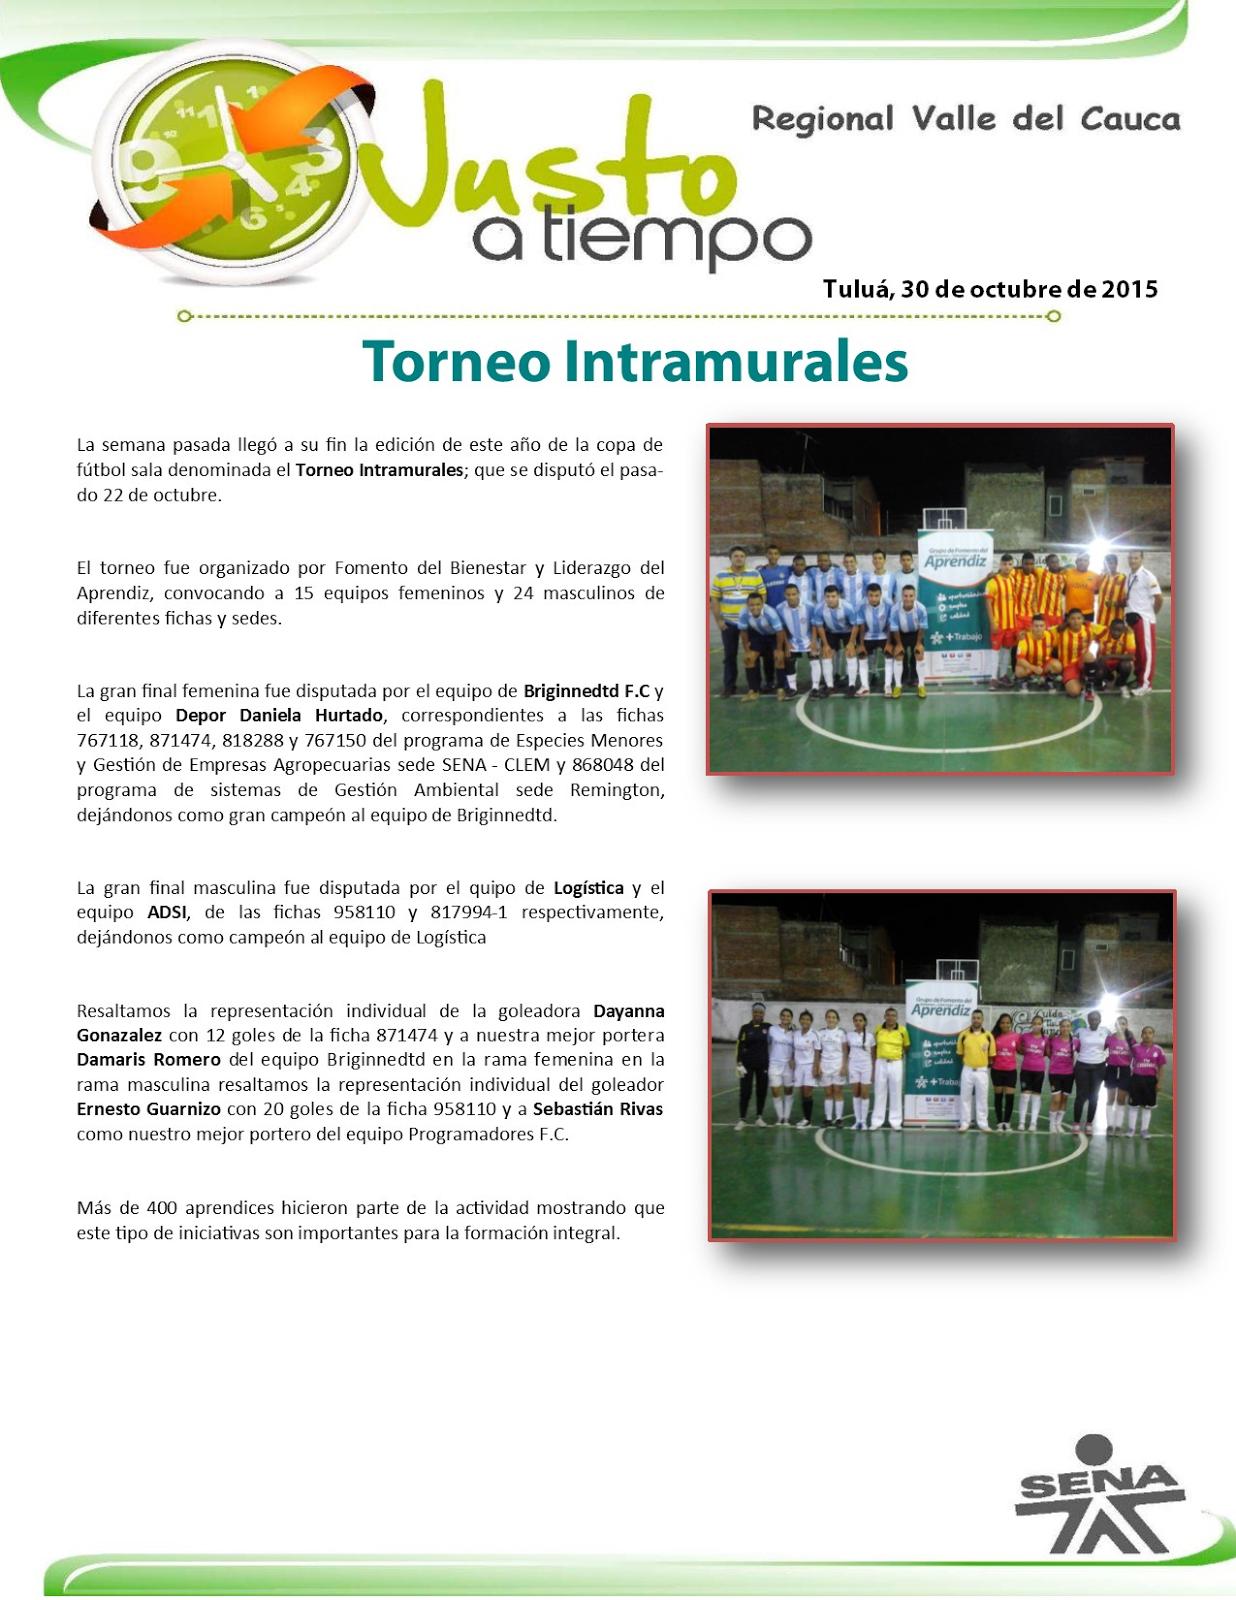 Centro latinoamericano de especies menores intramurales for Serna v portales